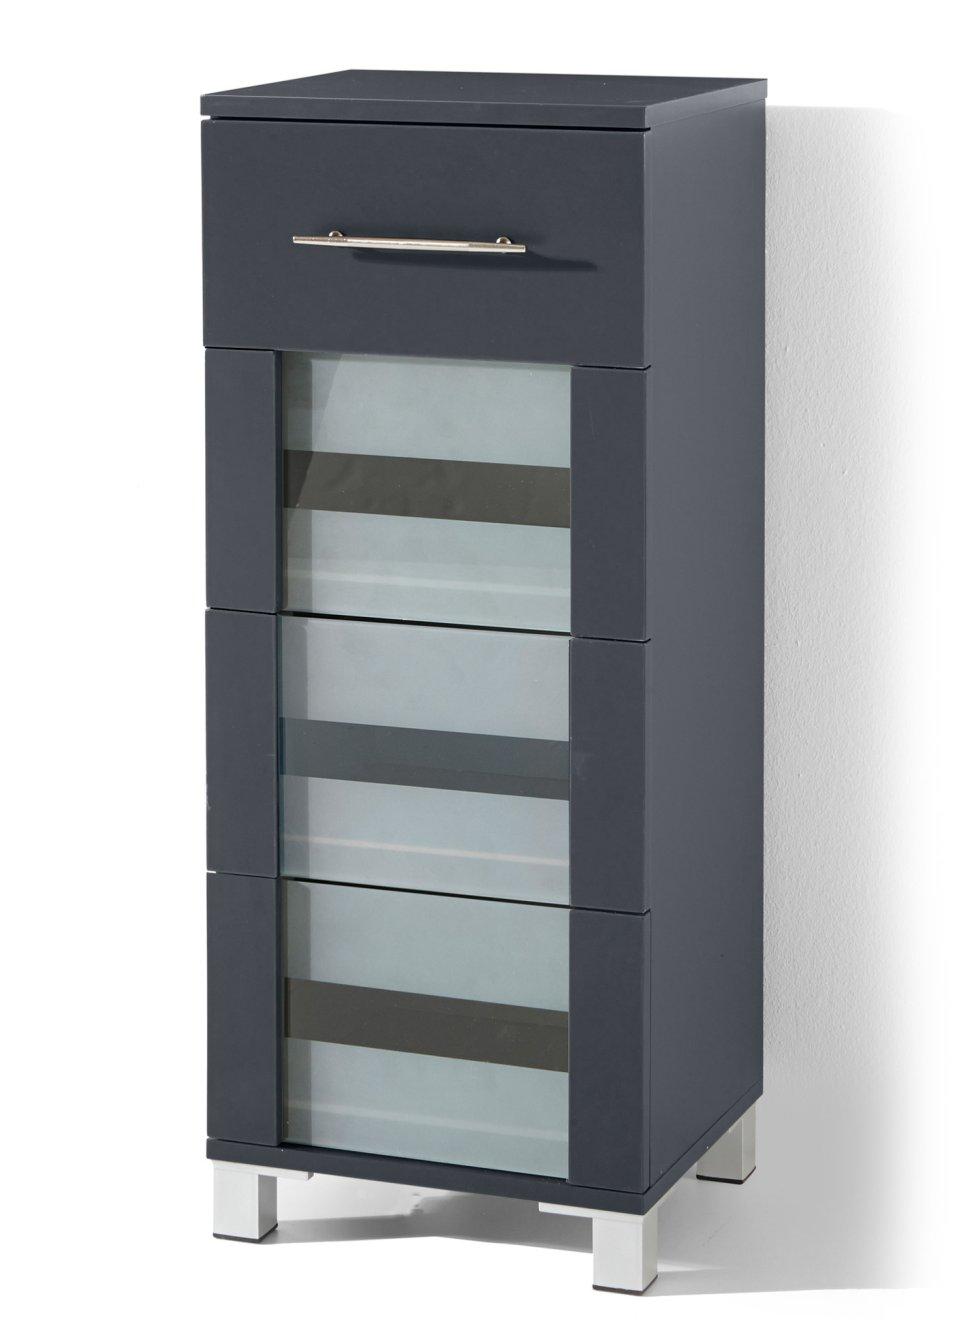 moderner badezimmer schrank mit gefrosteten glaseins tzen anthrazit mit 4 schubladen. Black Bedroom Furniture Sets. Home Design Ideas